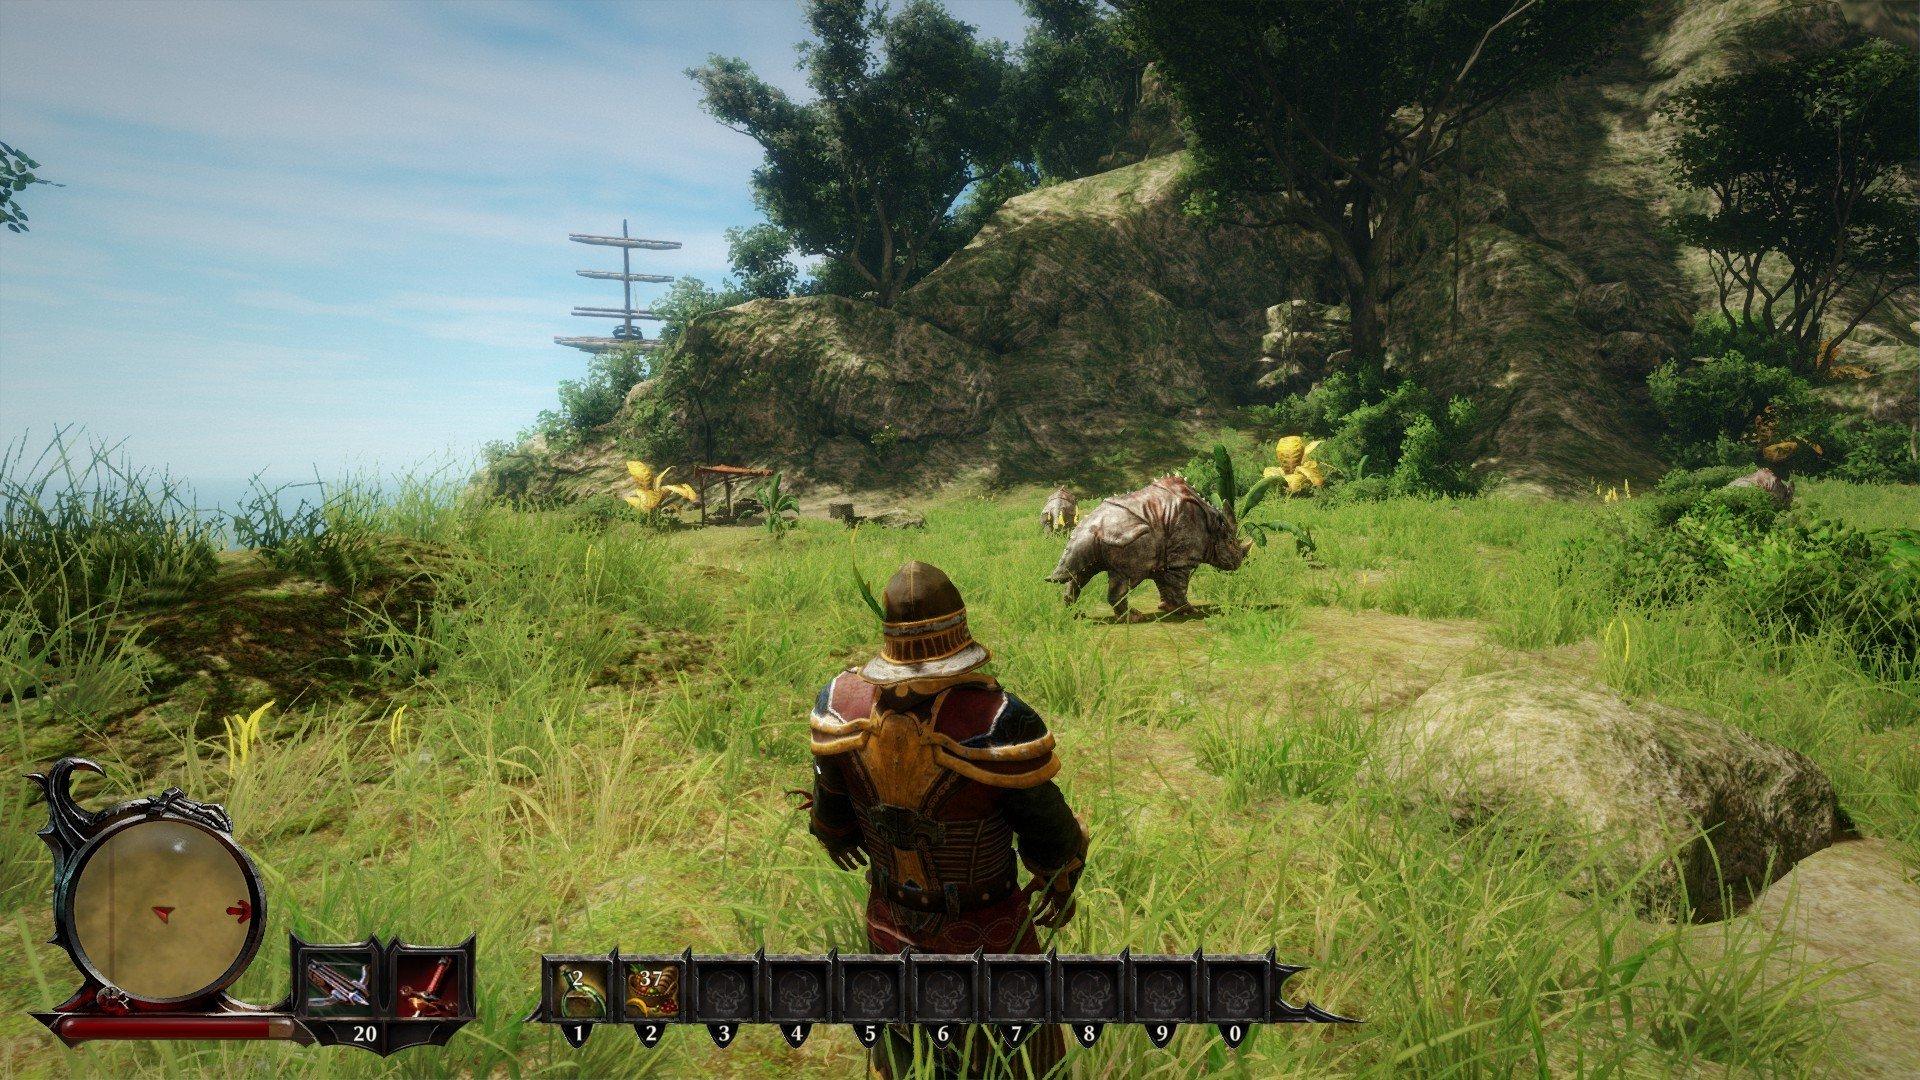 Скриншот к игре Risen 3: Titan Lords - Complete/Enhanced Edition [GOG] (2014) скачать торрент Лицензия